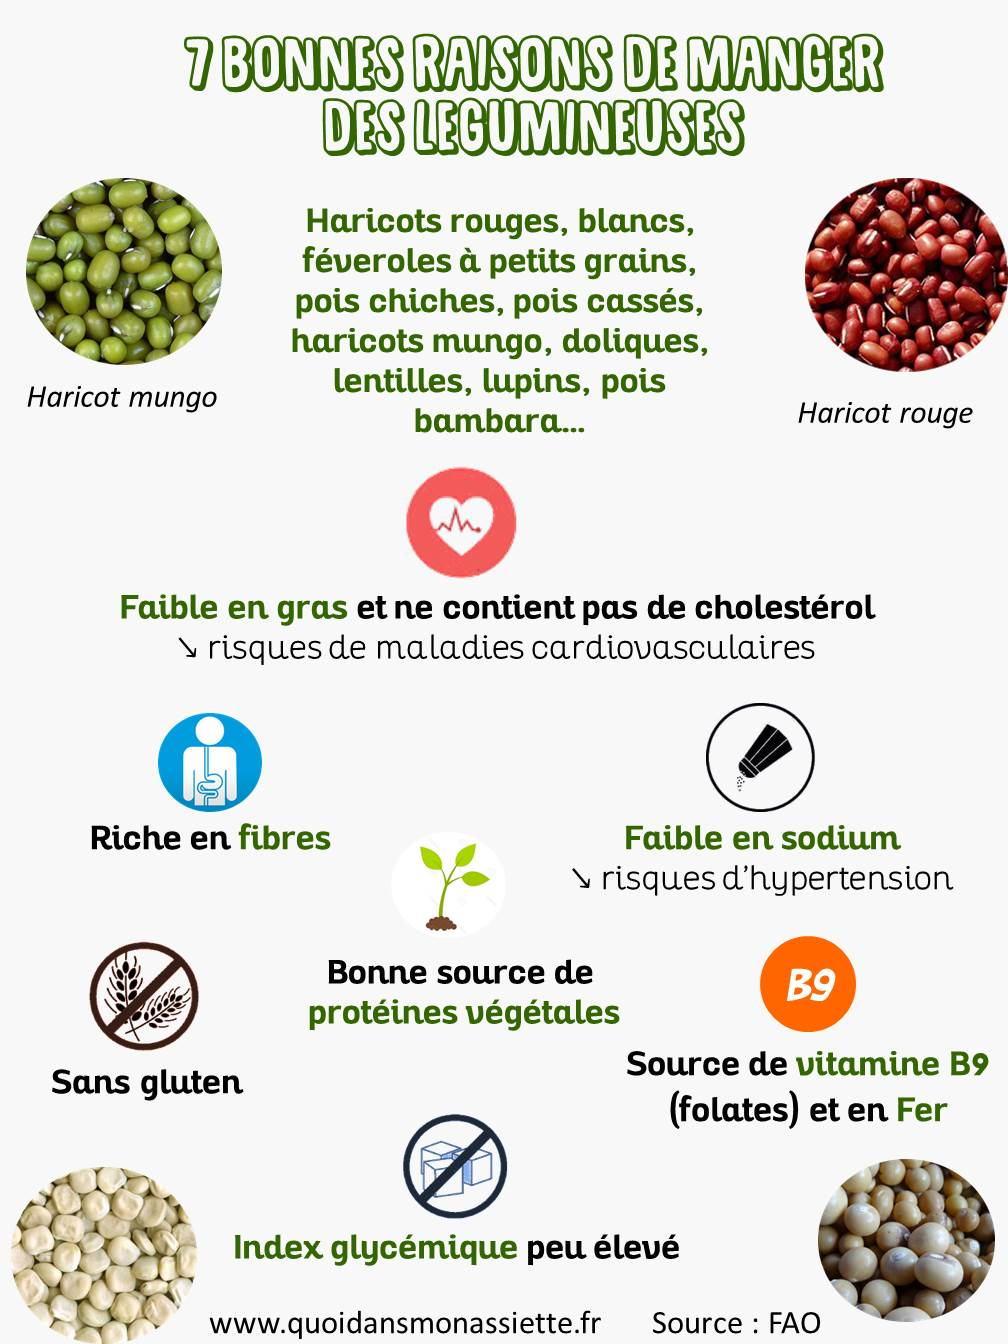 legumineuses bonnes raisons consommer manger fruits secs